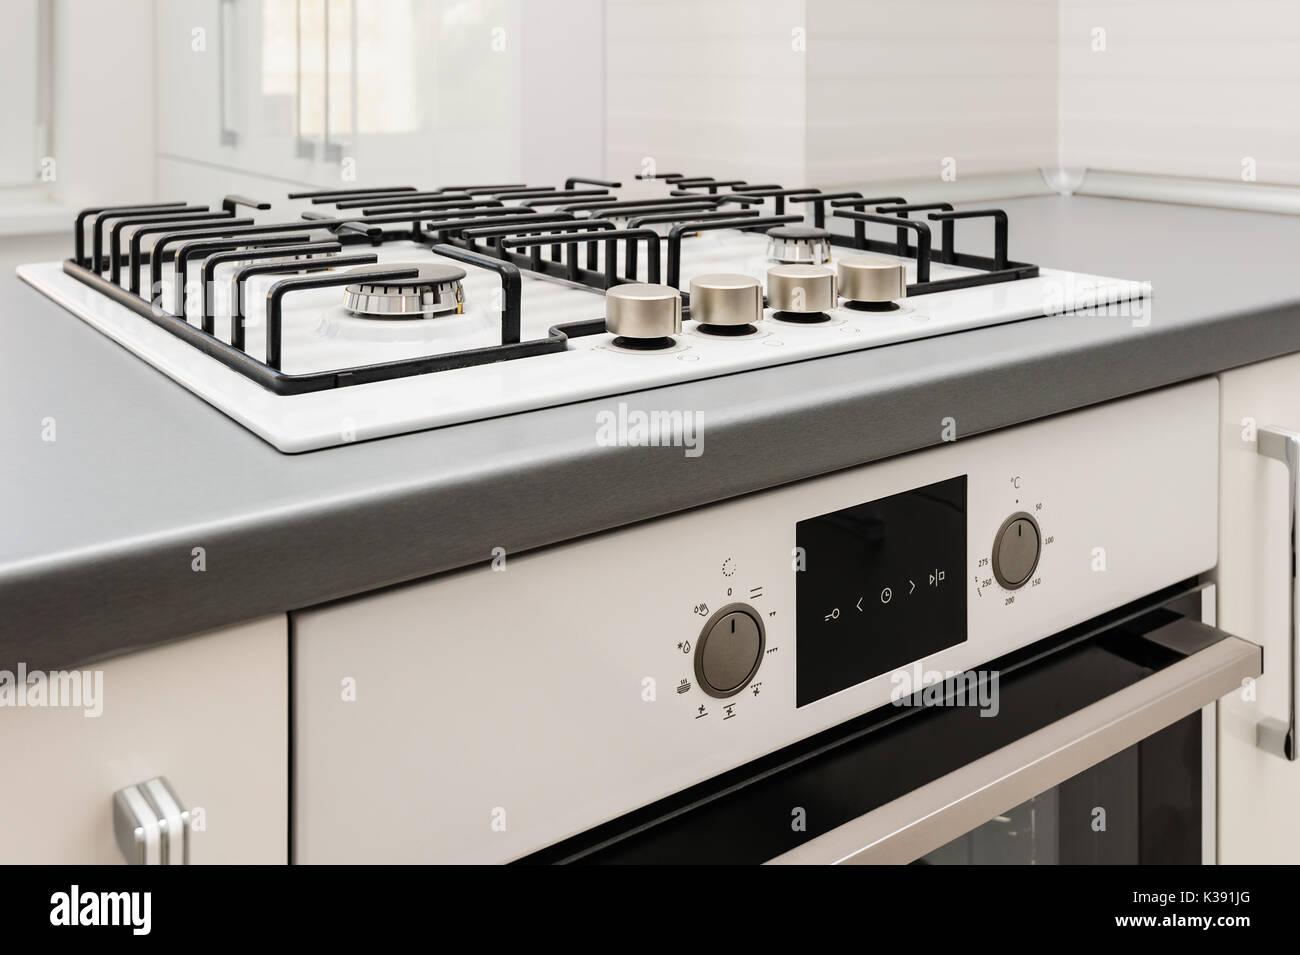 Cuisiniere A Gaz Avec Four Electrique Integre Et A Toute